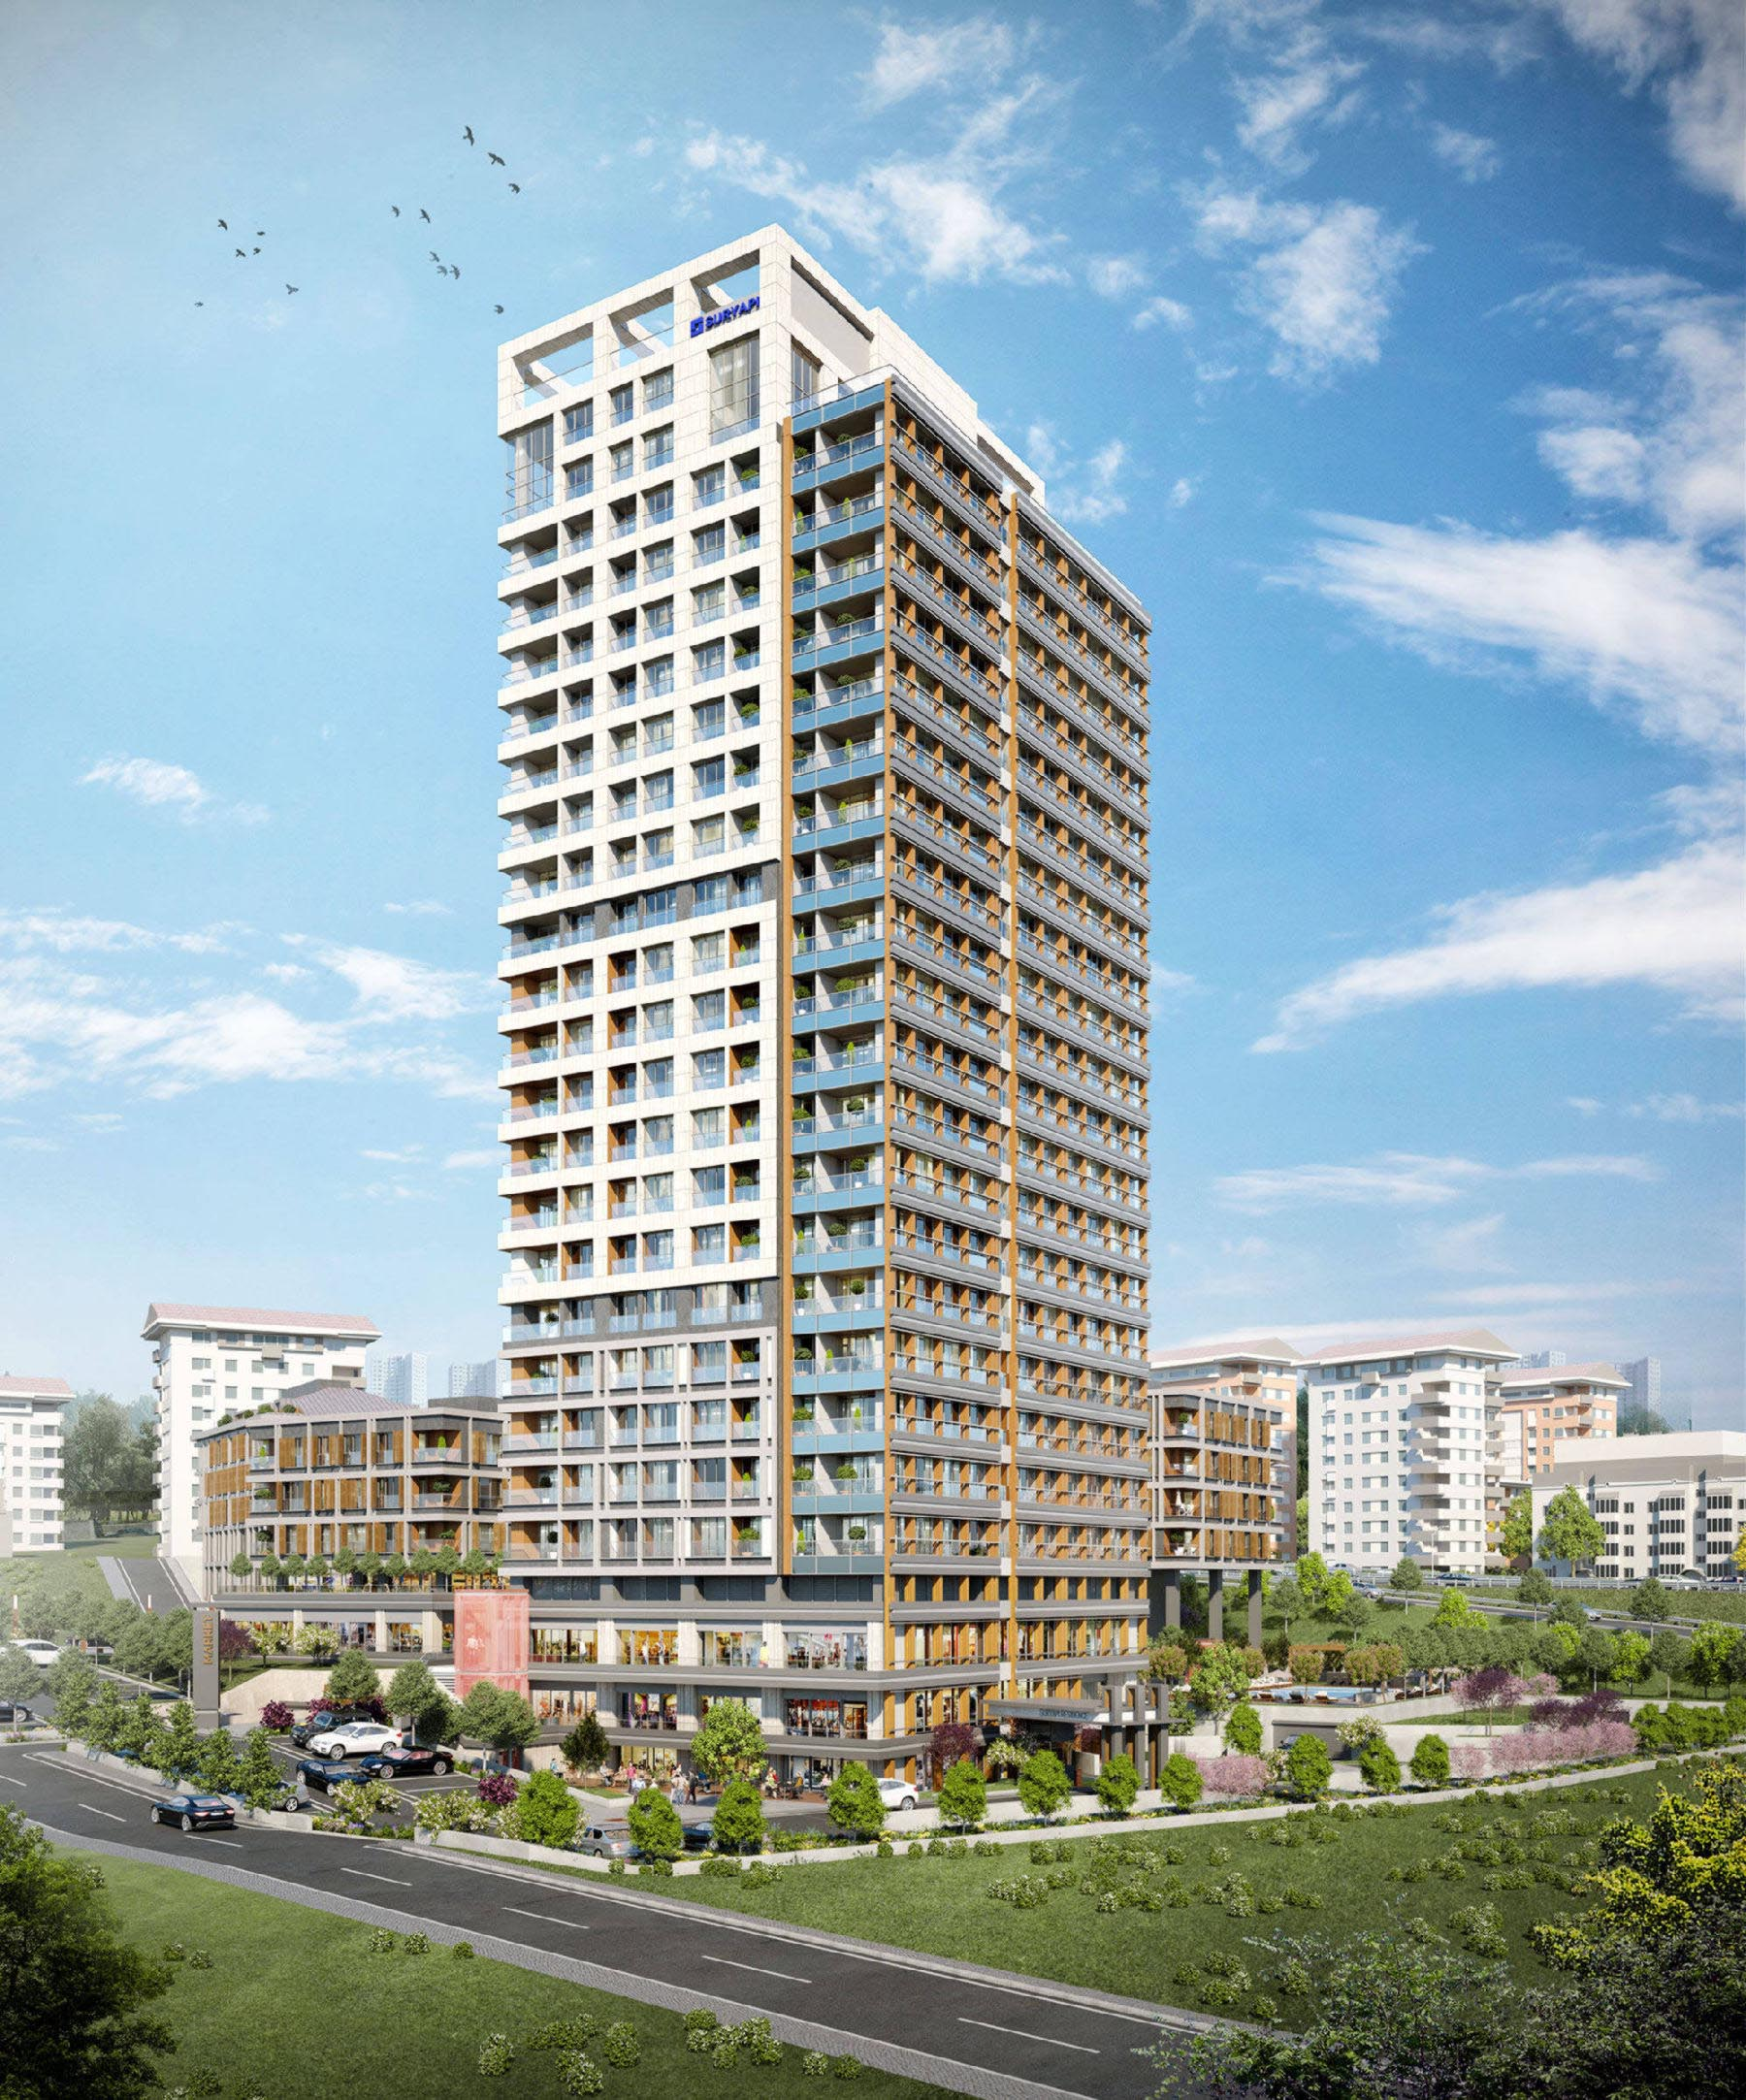 «Умные» квартиры в новом жилом комплексе Стамбула - Фото 11